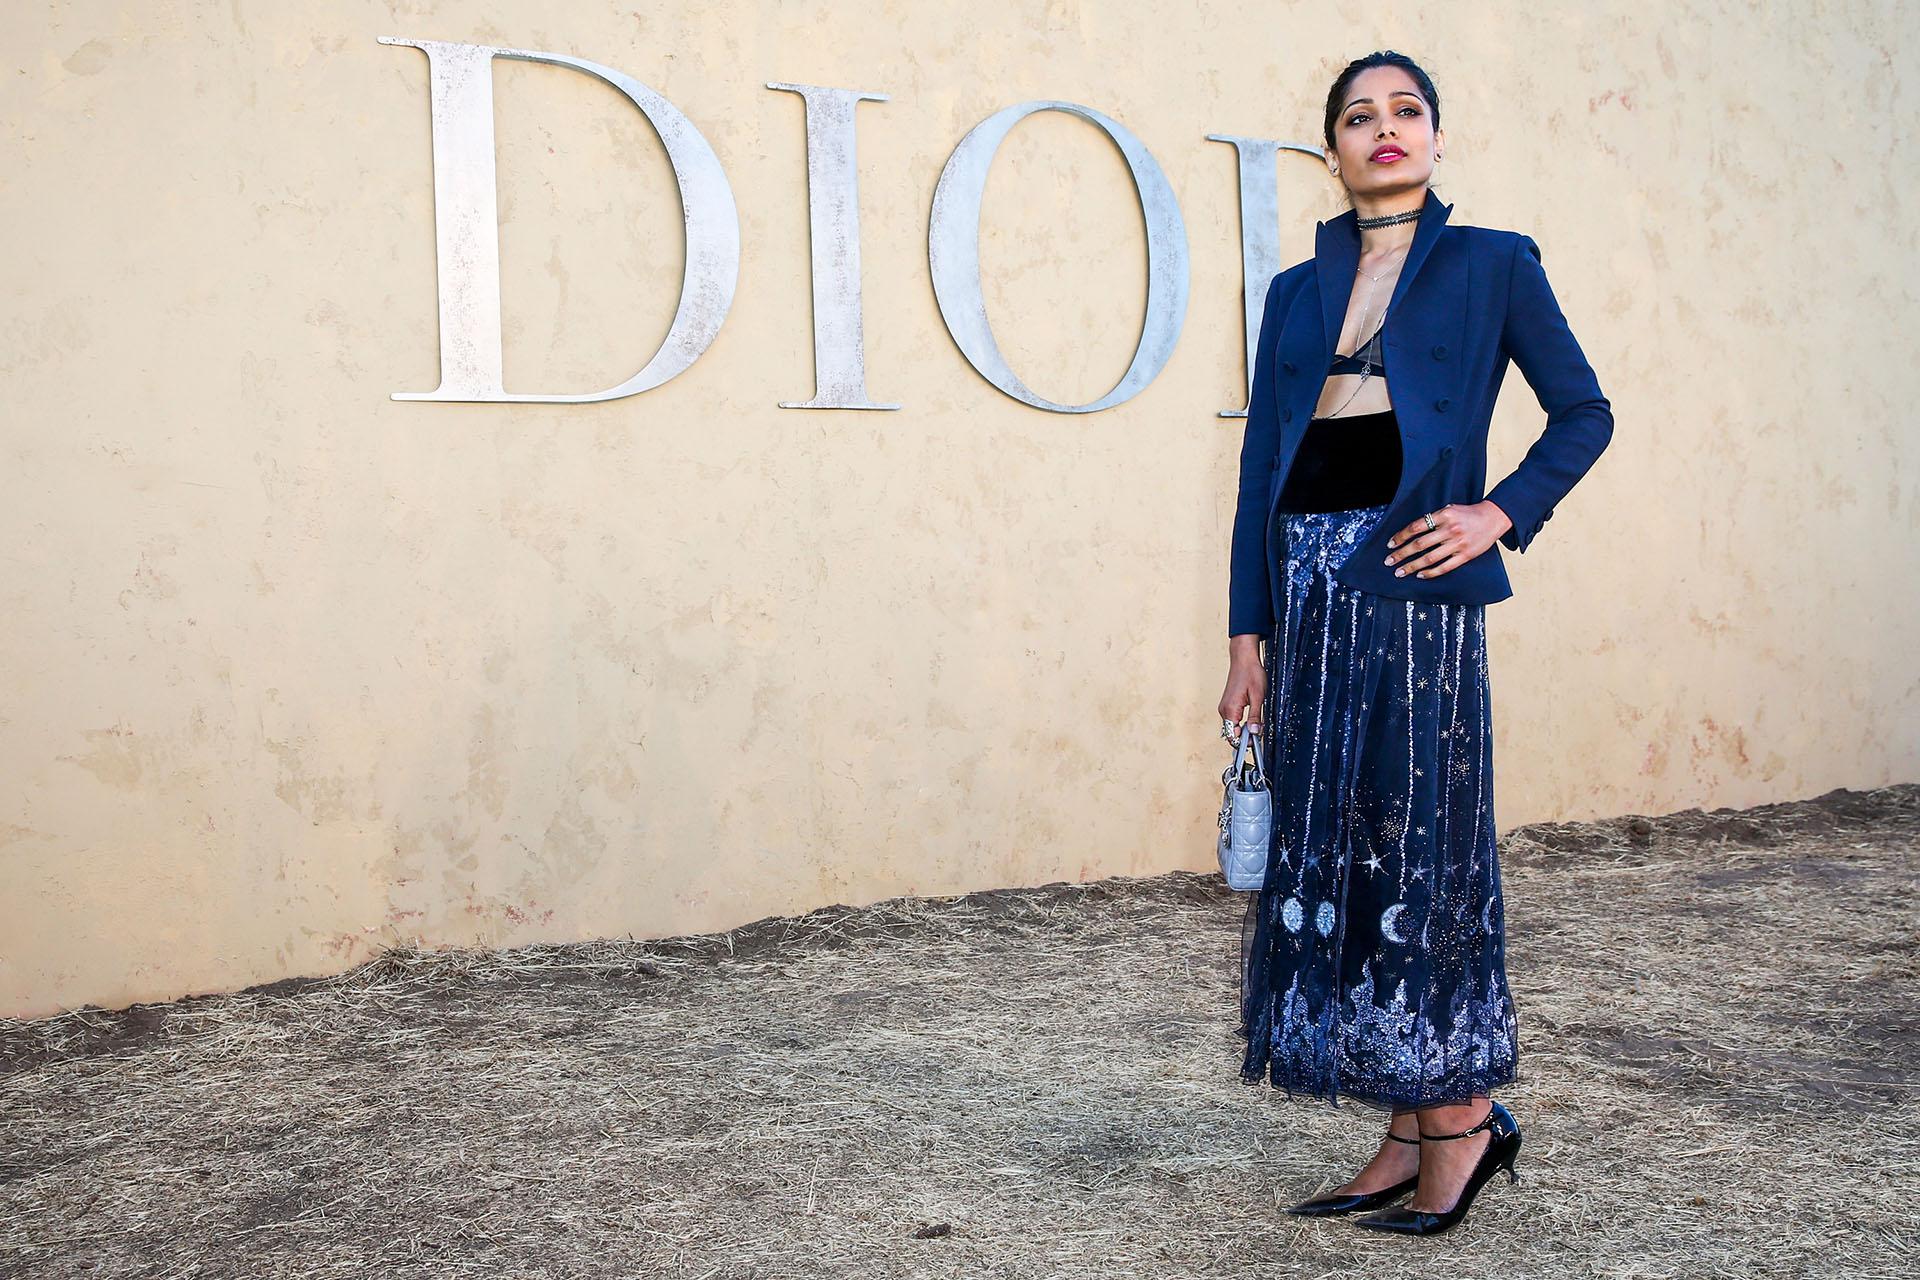 La actriz Freida Pinto y un original estilo que incluyó una larga falda bordada y ropa interior a la vista